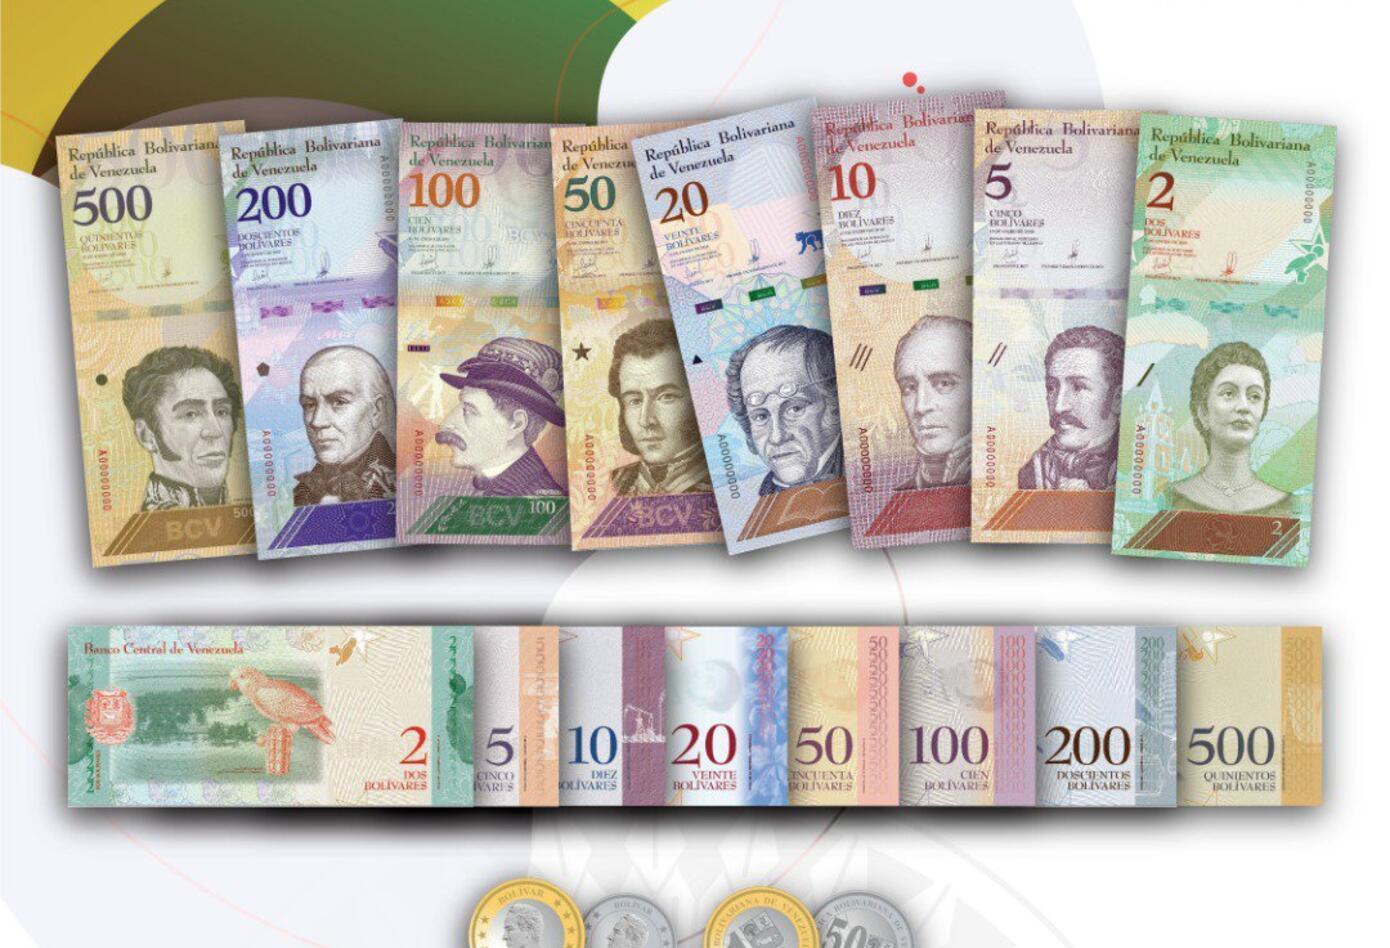 Resultado de imagen para imagen de billetes venezolanos